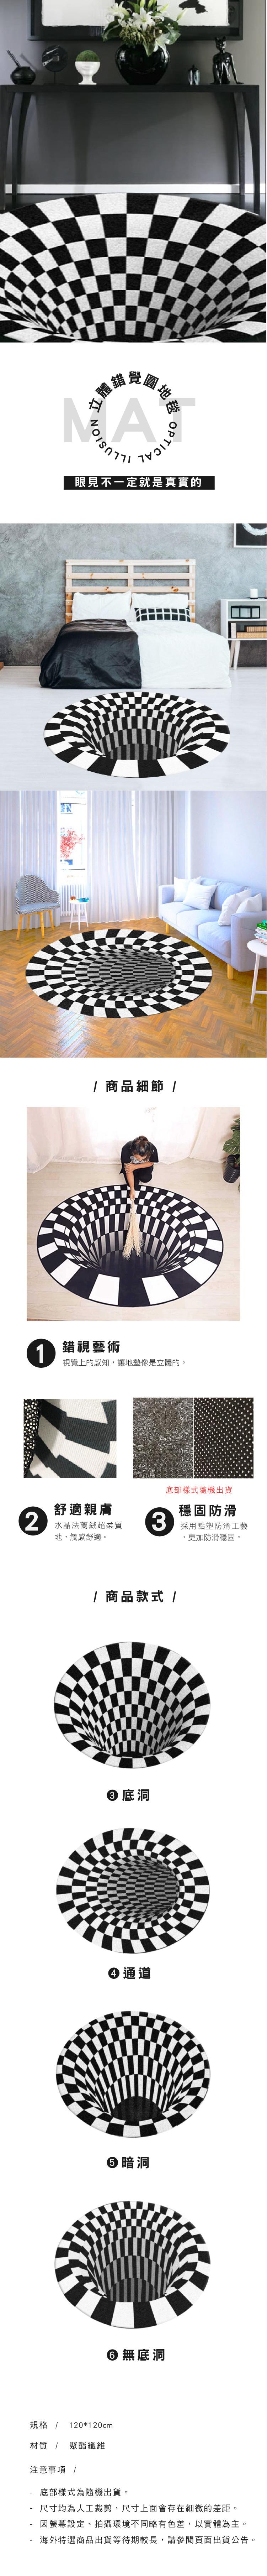 0824立體錯覺圓地毯-01